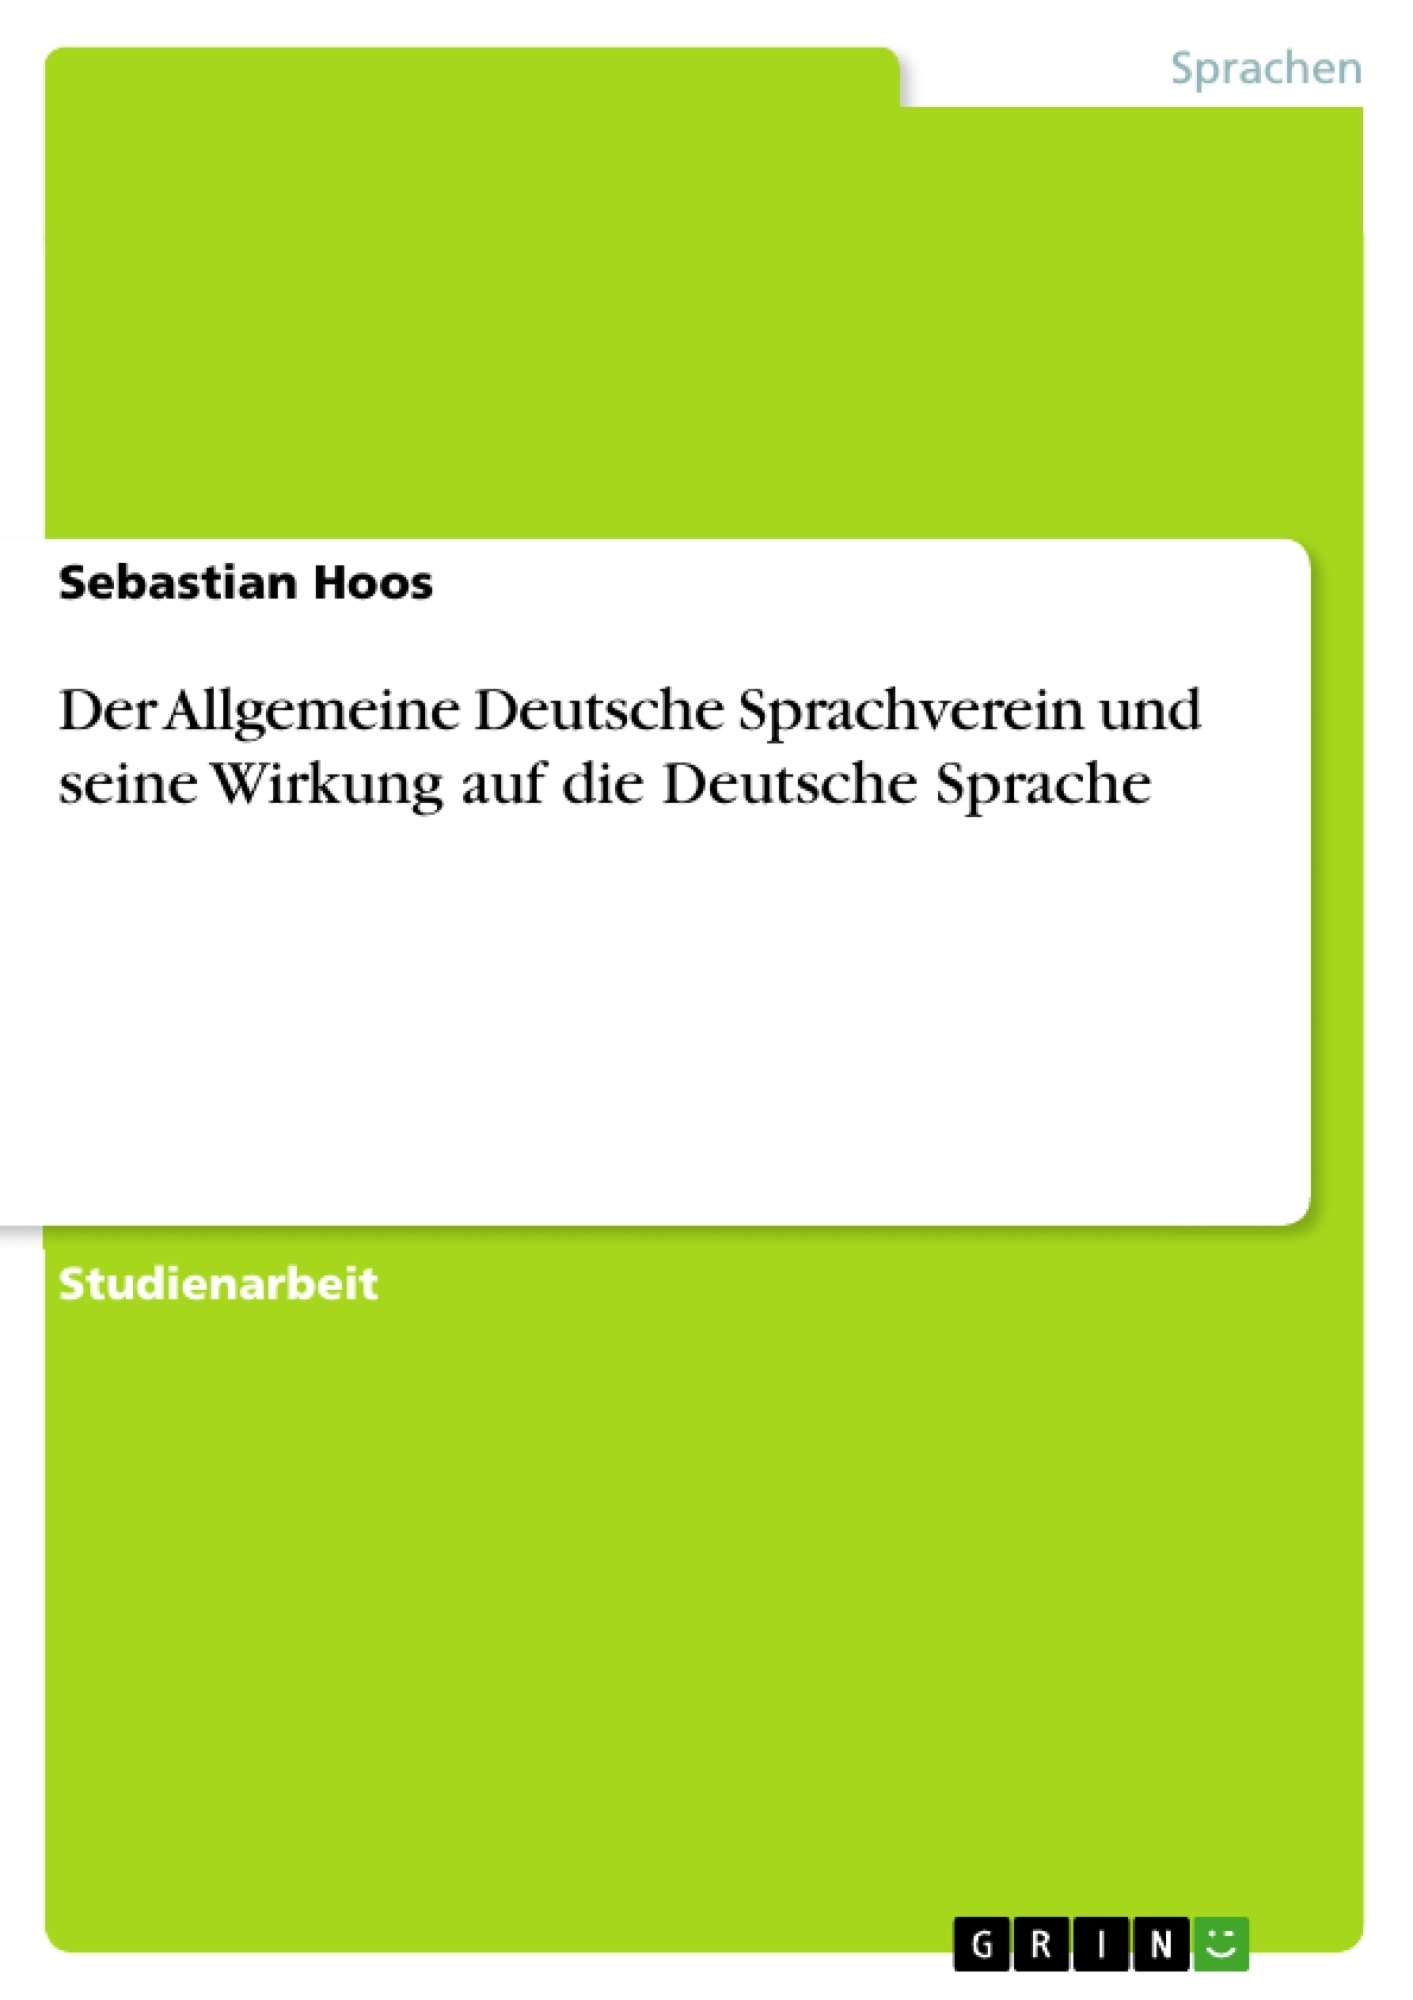 Titel: Der Allgemeine Deutsche Sprachverein und seine Wirkung auf die Deutsche Sprache